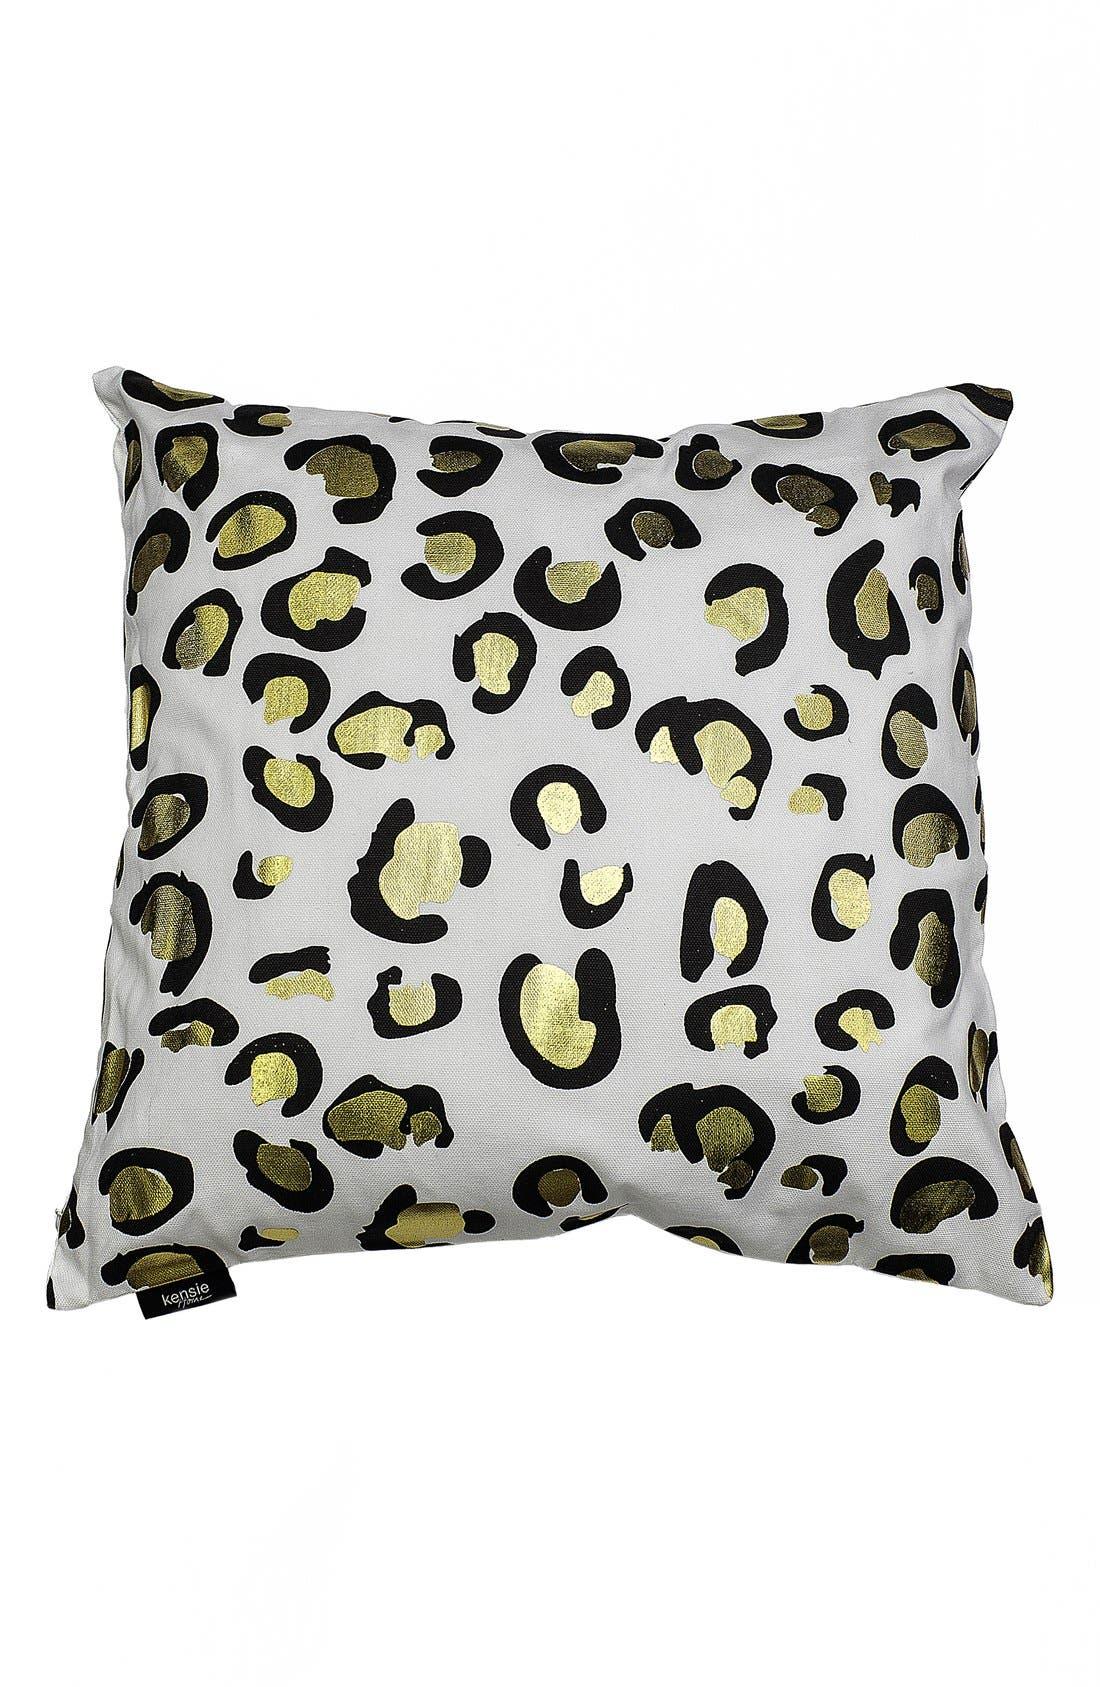 kensie Metallic Animal Print Pillow